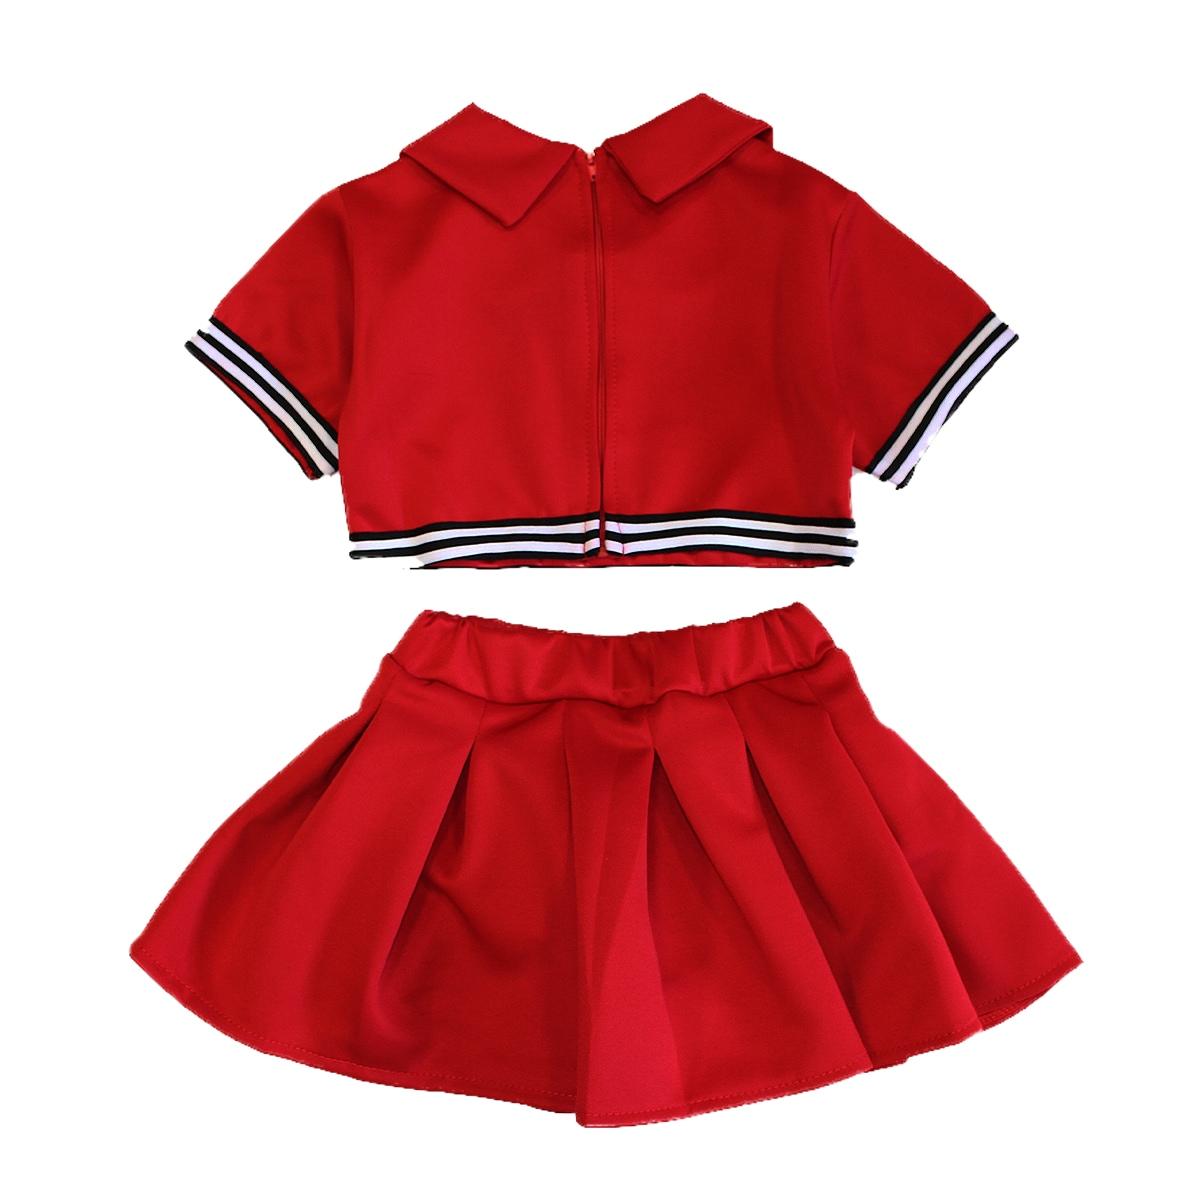 カラー 赤 レッド バックスタイル